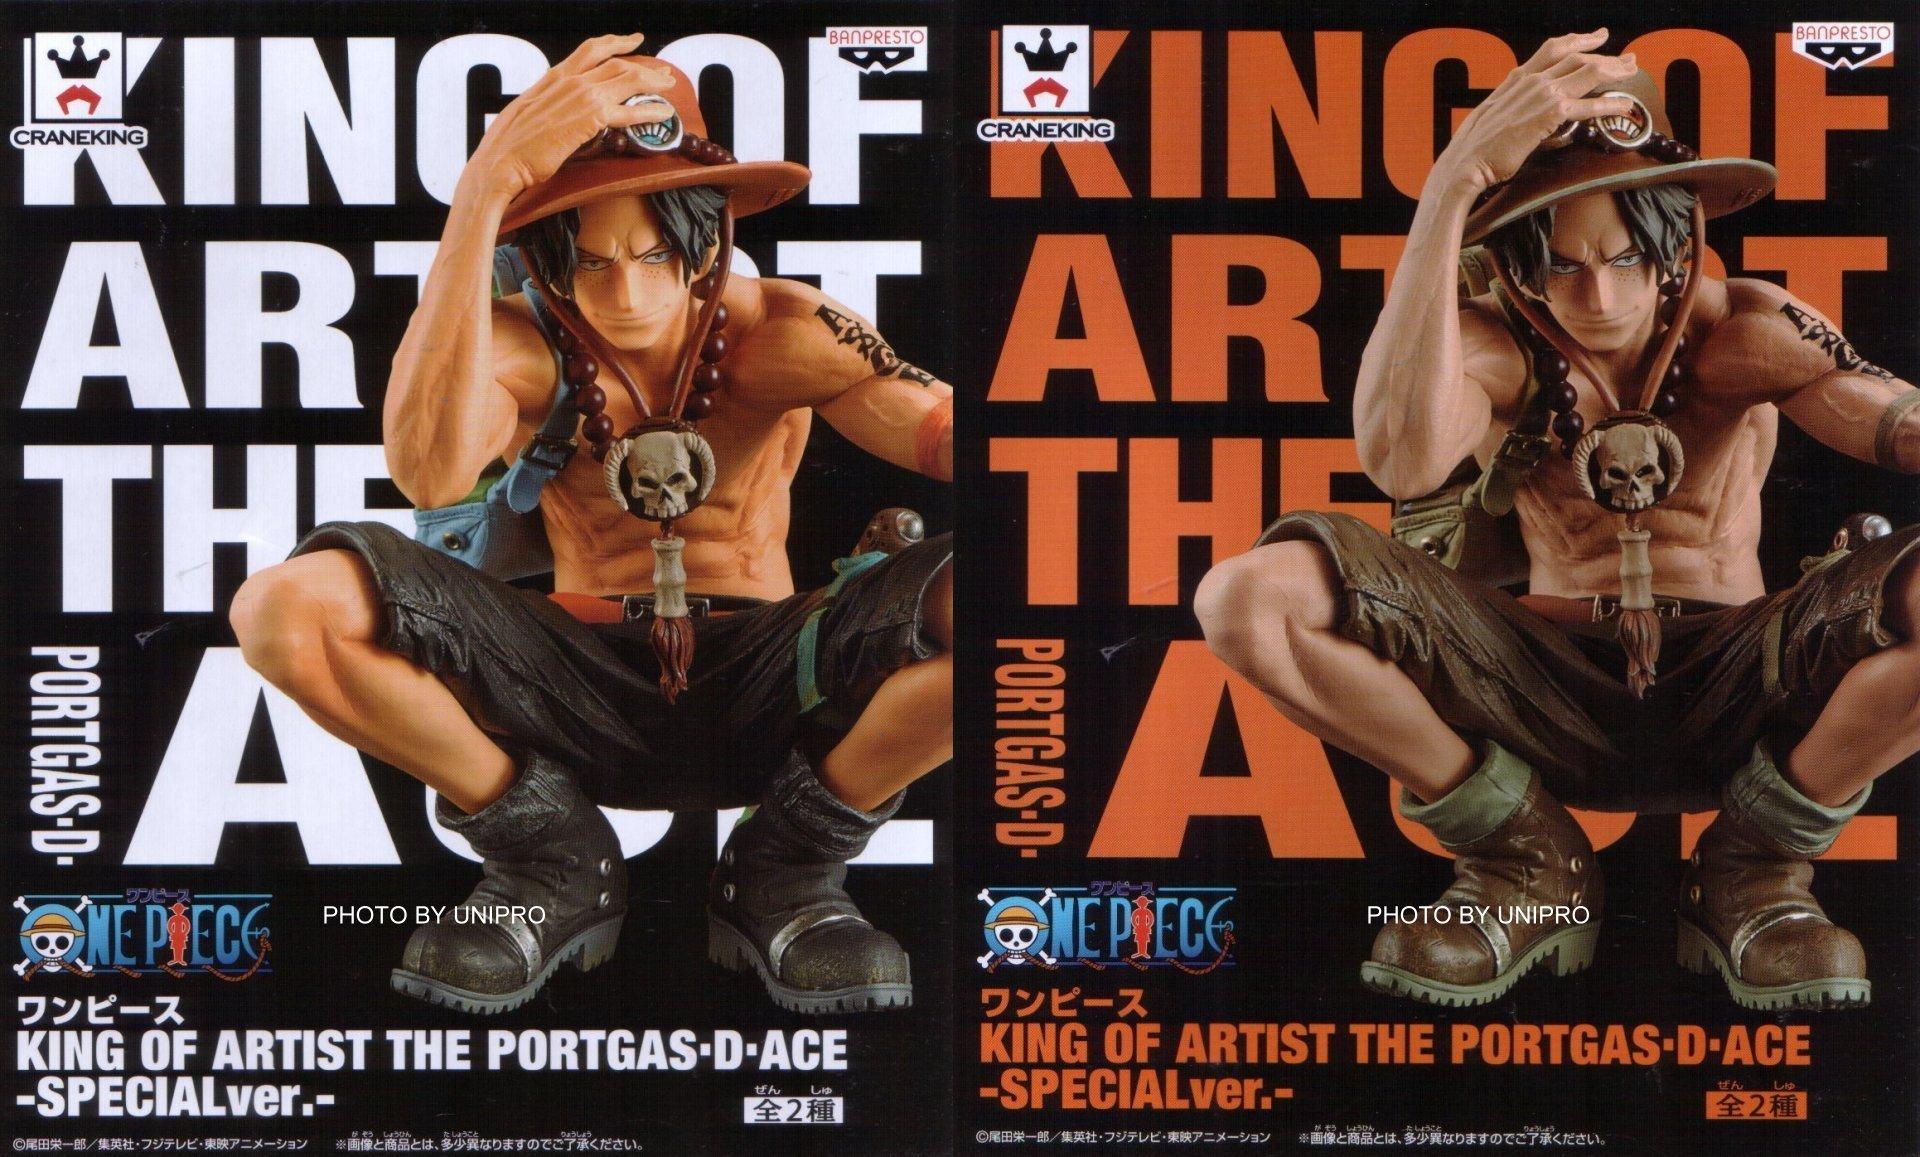 台灣代理版 火焰 燒燒果實 艾斯 特別版 一套兩款 航海王 海賊王 彩色王 藝術王者 KING OF ARTIST THE ACE ONE PIECE SPECIAL ver.